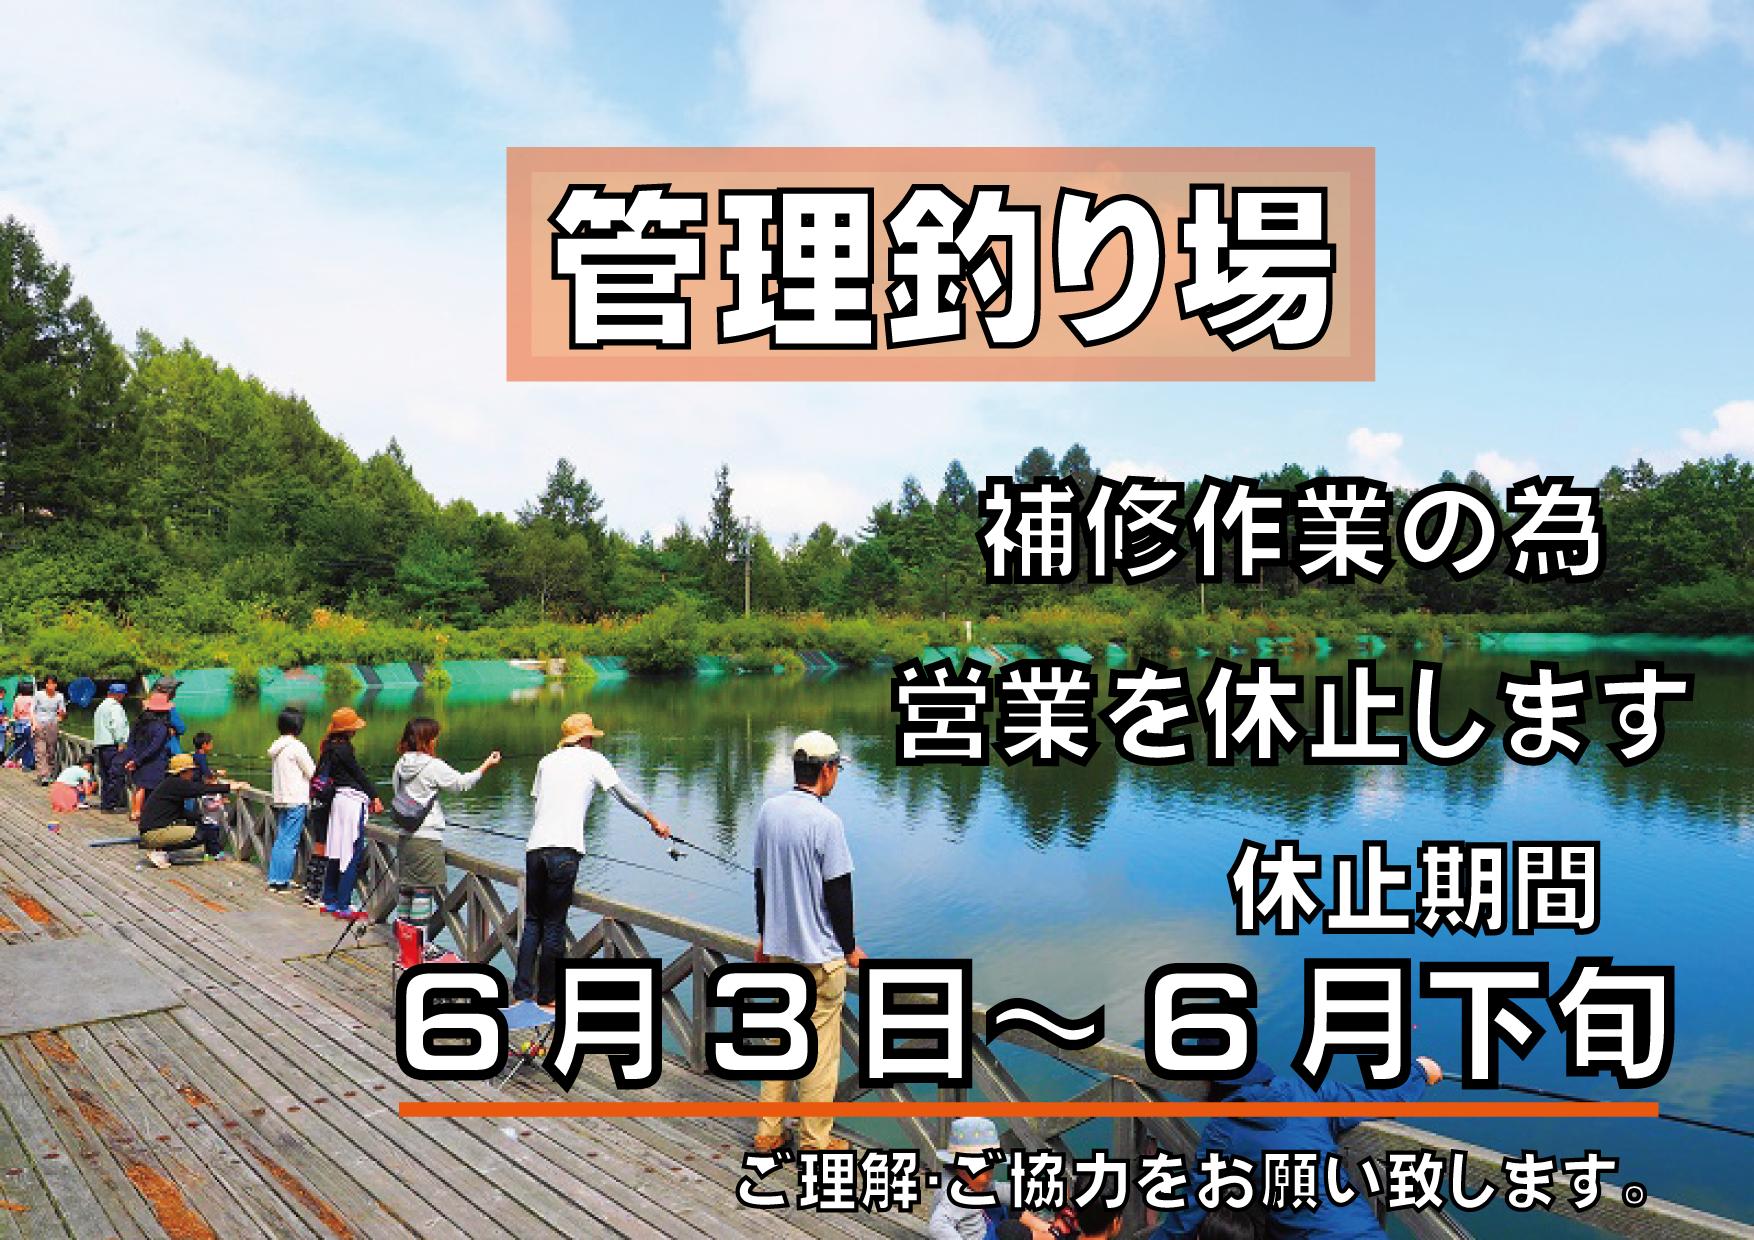 PDF:「管理釣り場」営業休止のお知らせ